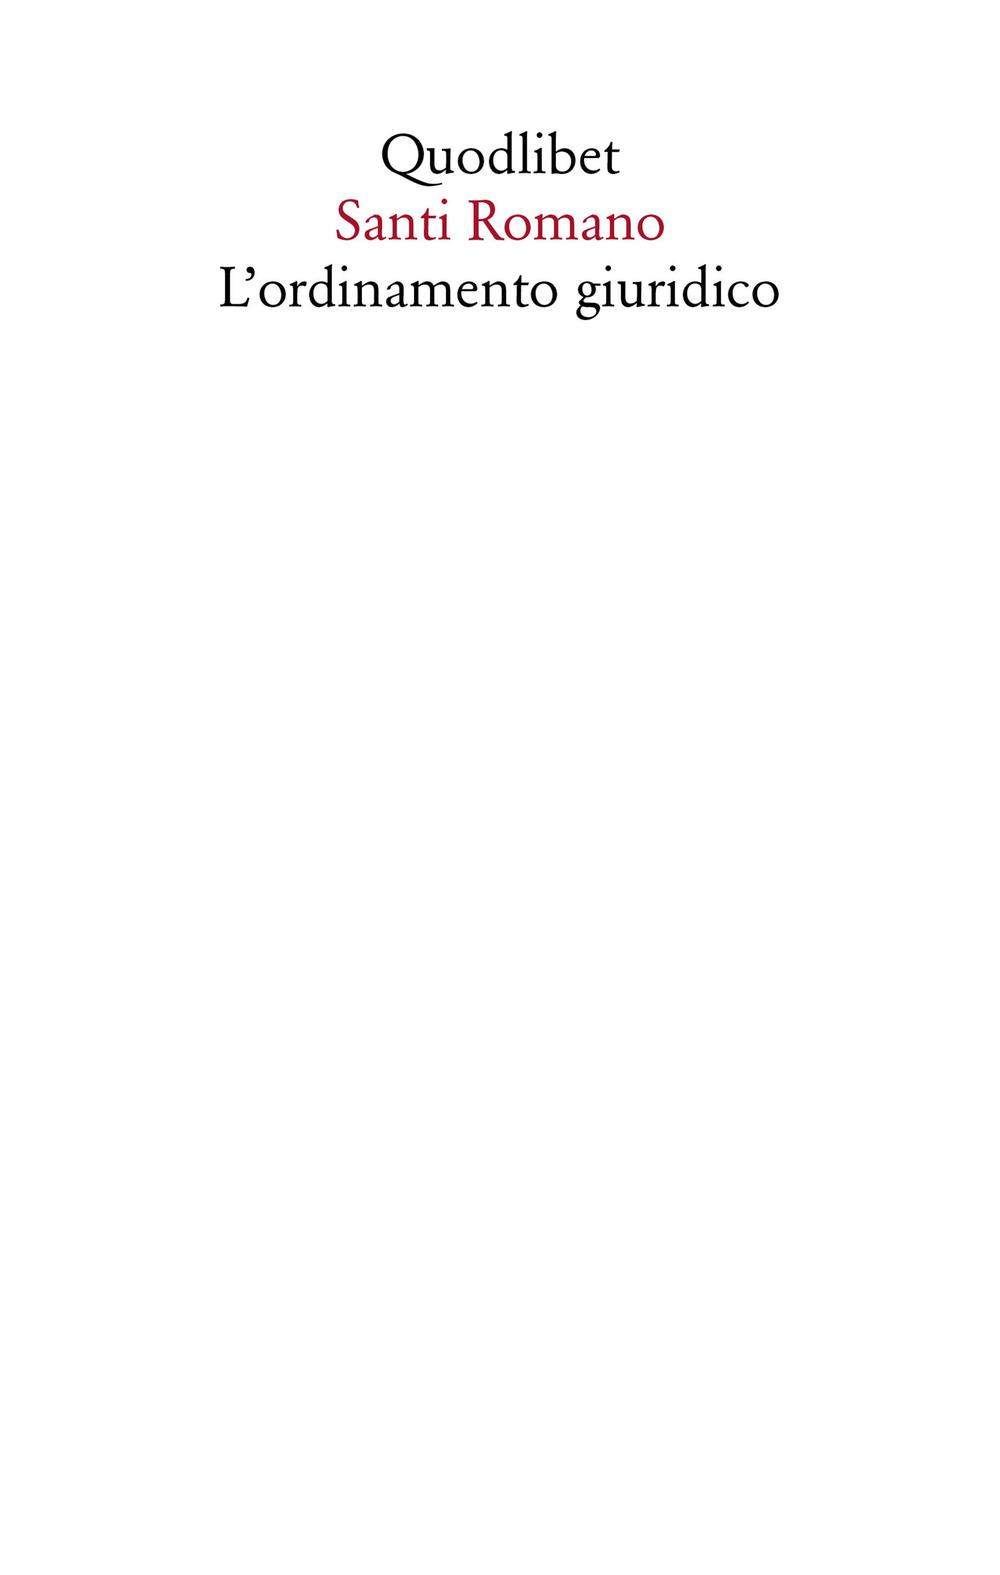 ORDINAMENTO GIURIDICO (L') - 9788822902641